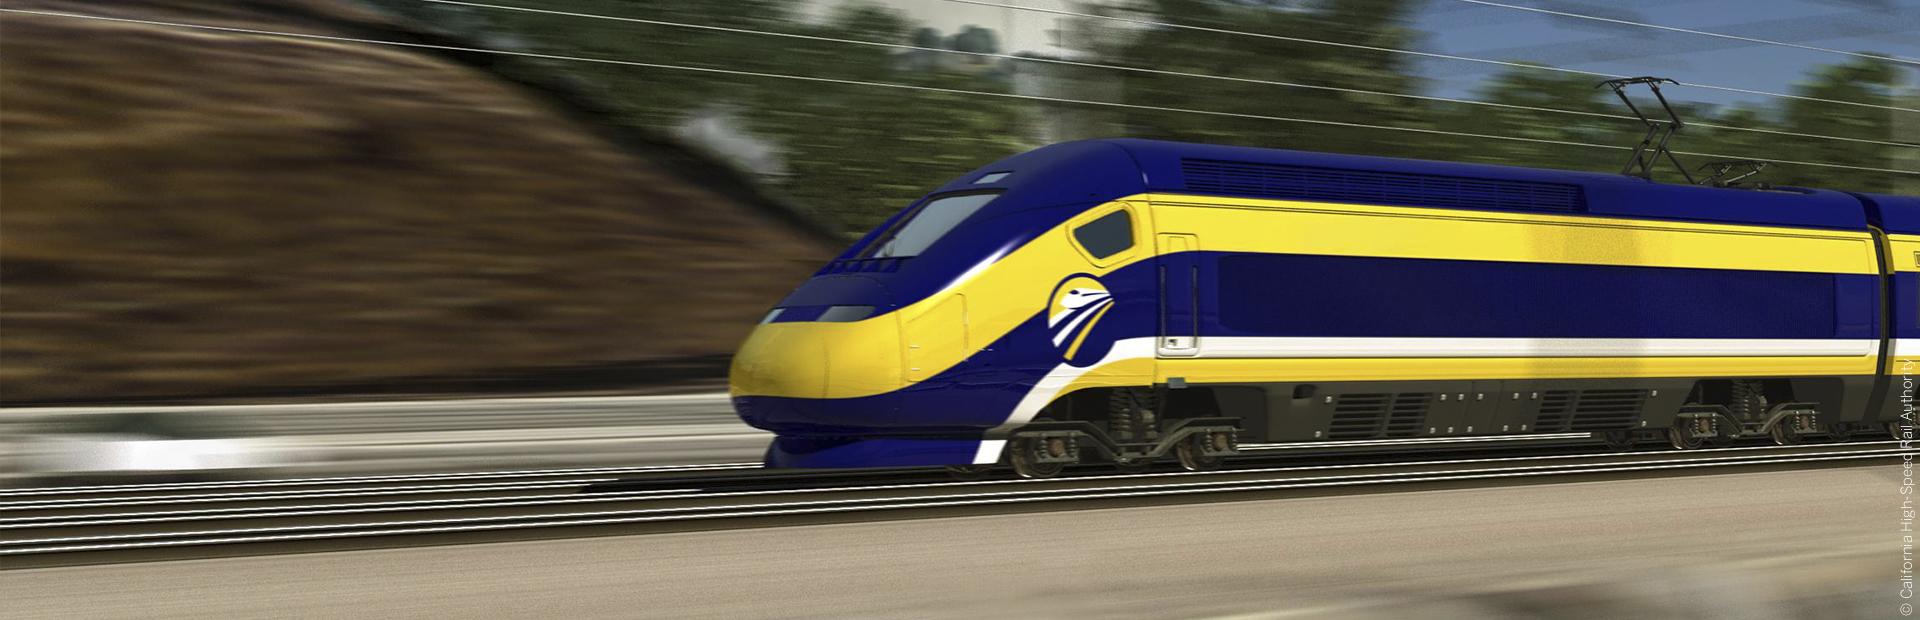 Experiencia ferroviaria